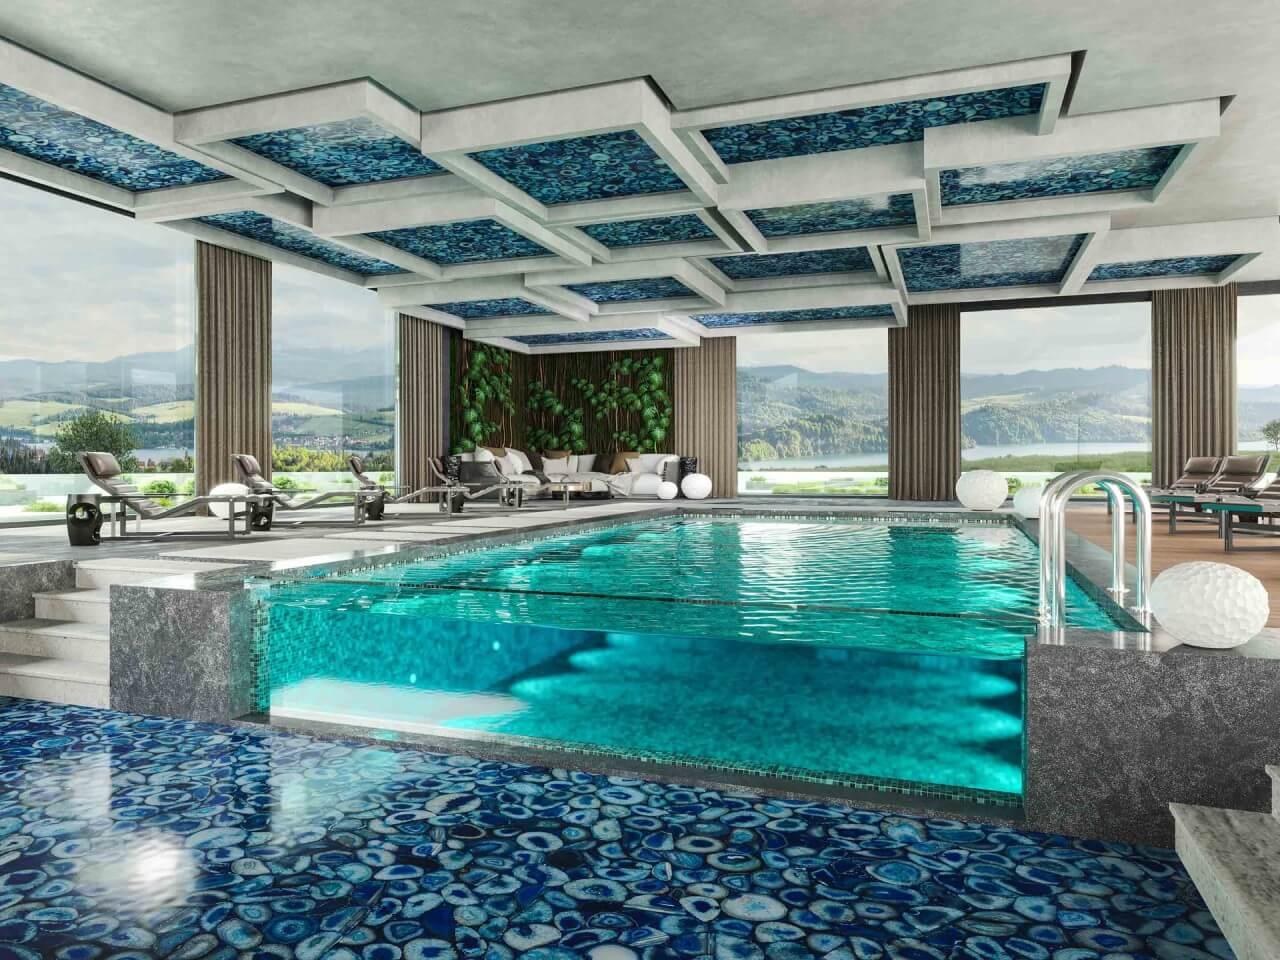 basen zniebieską kamienną podłogą za dnia